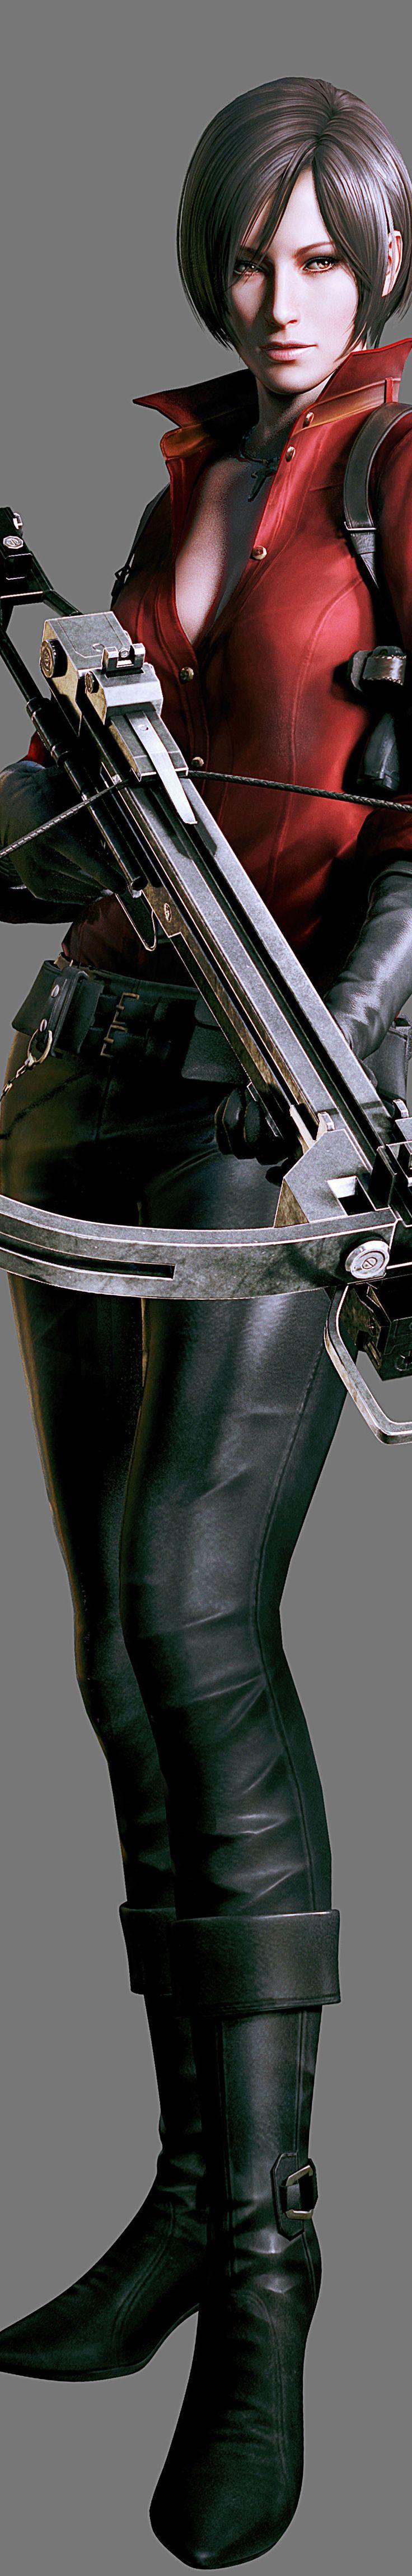 Ada Wong - Resident Evil Render